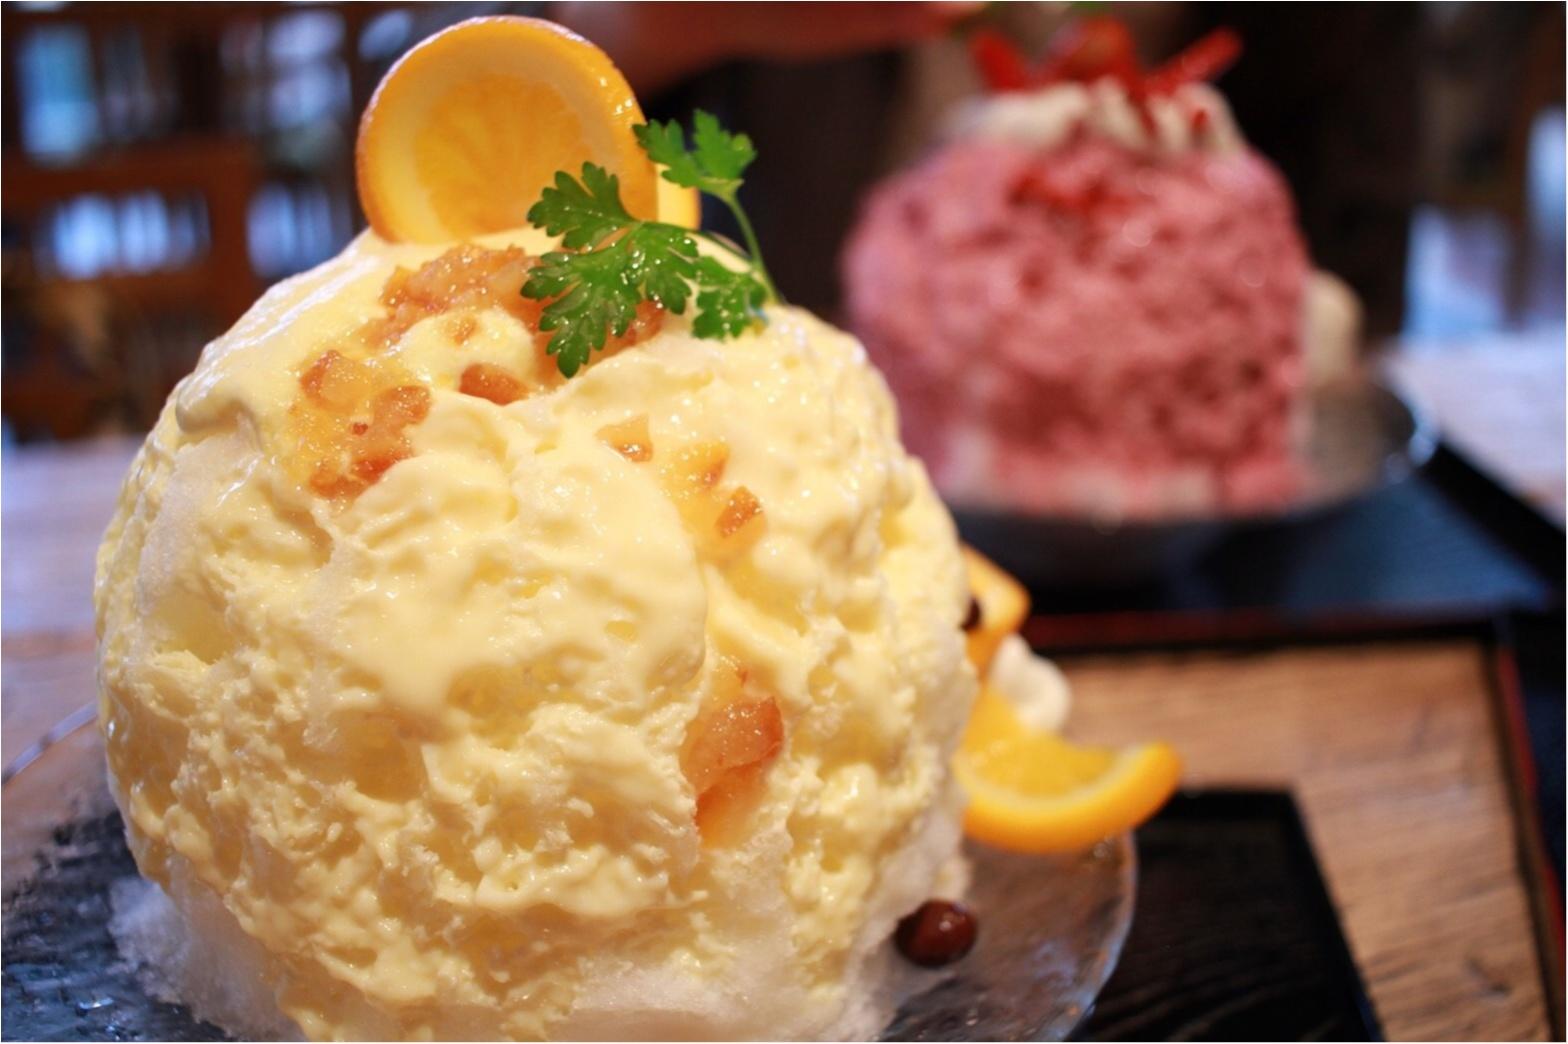 東京のおすすめかき氷特集 - 20代女子に人気のかわいくて美味しいかき氷店10選_11